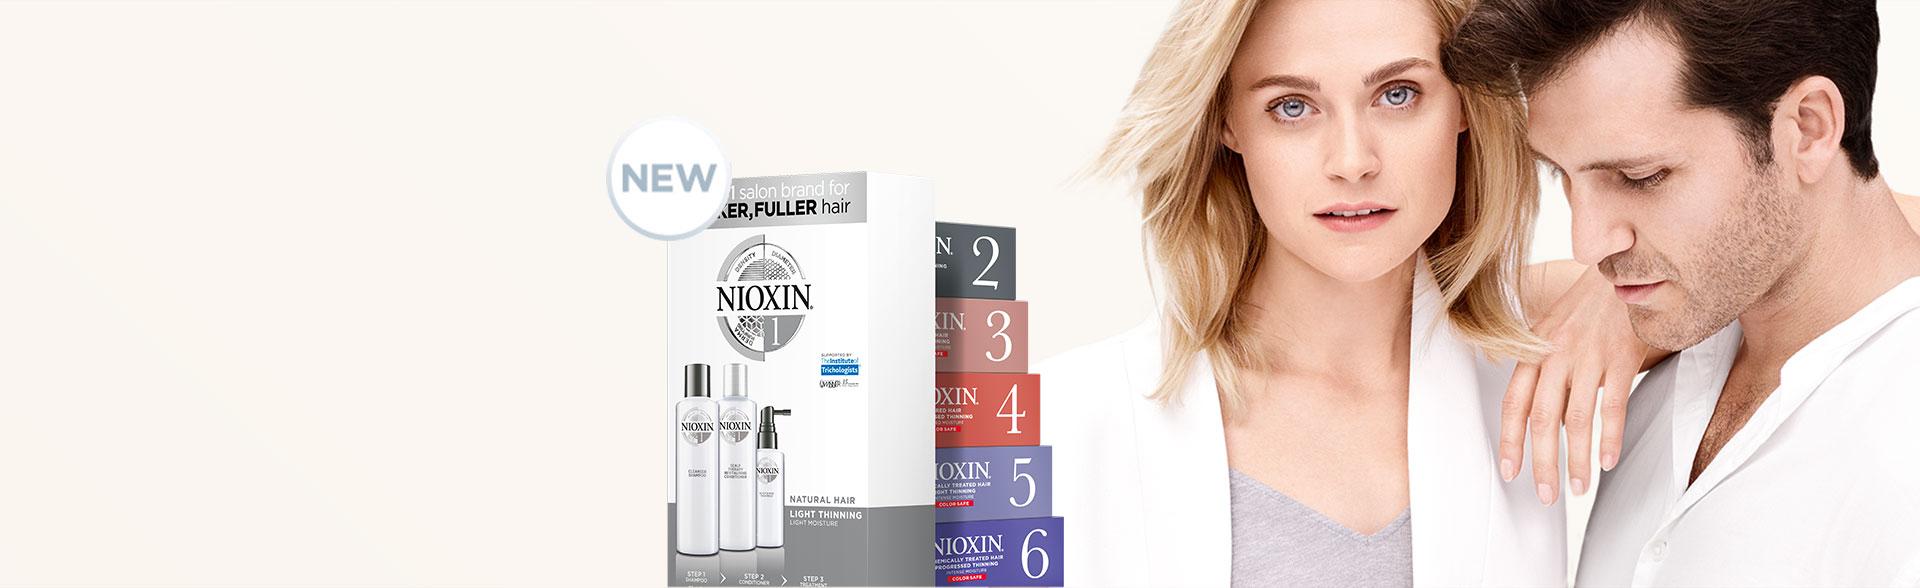 Produkt Index Nioxin Haarpflegeprodukte Entdecken Nioxin